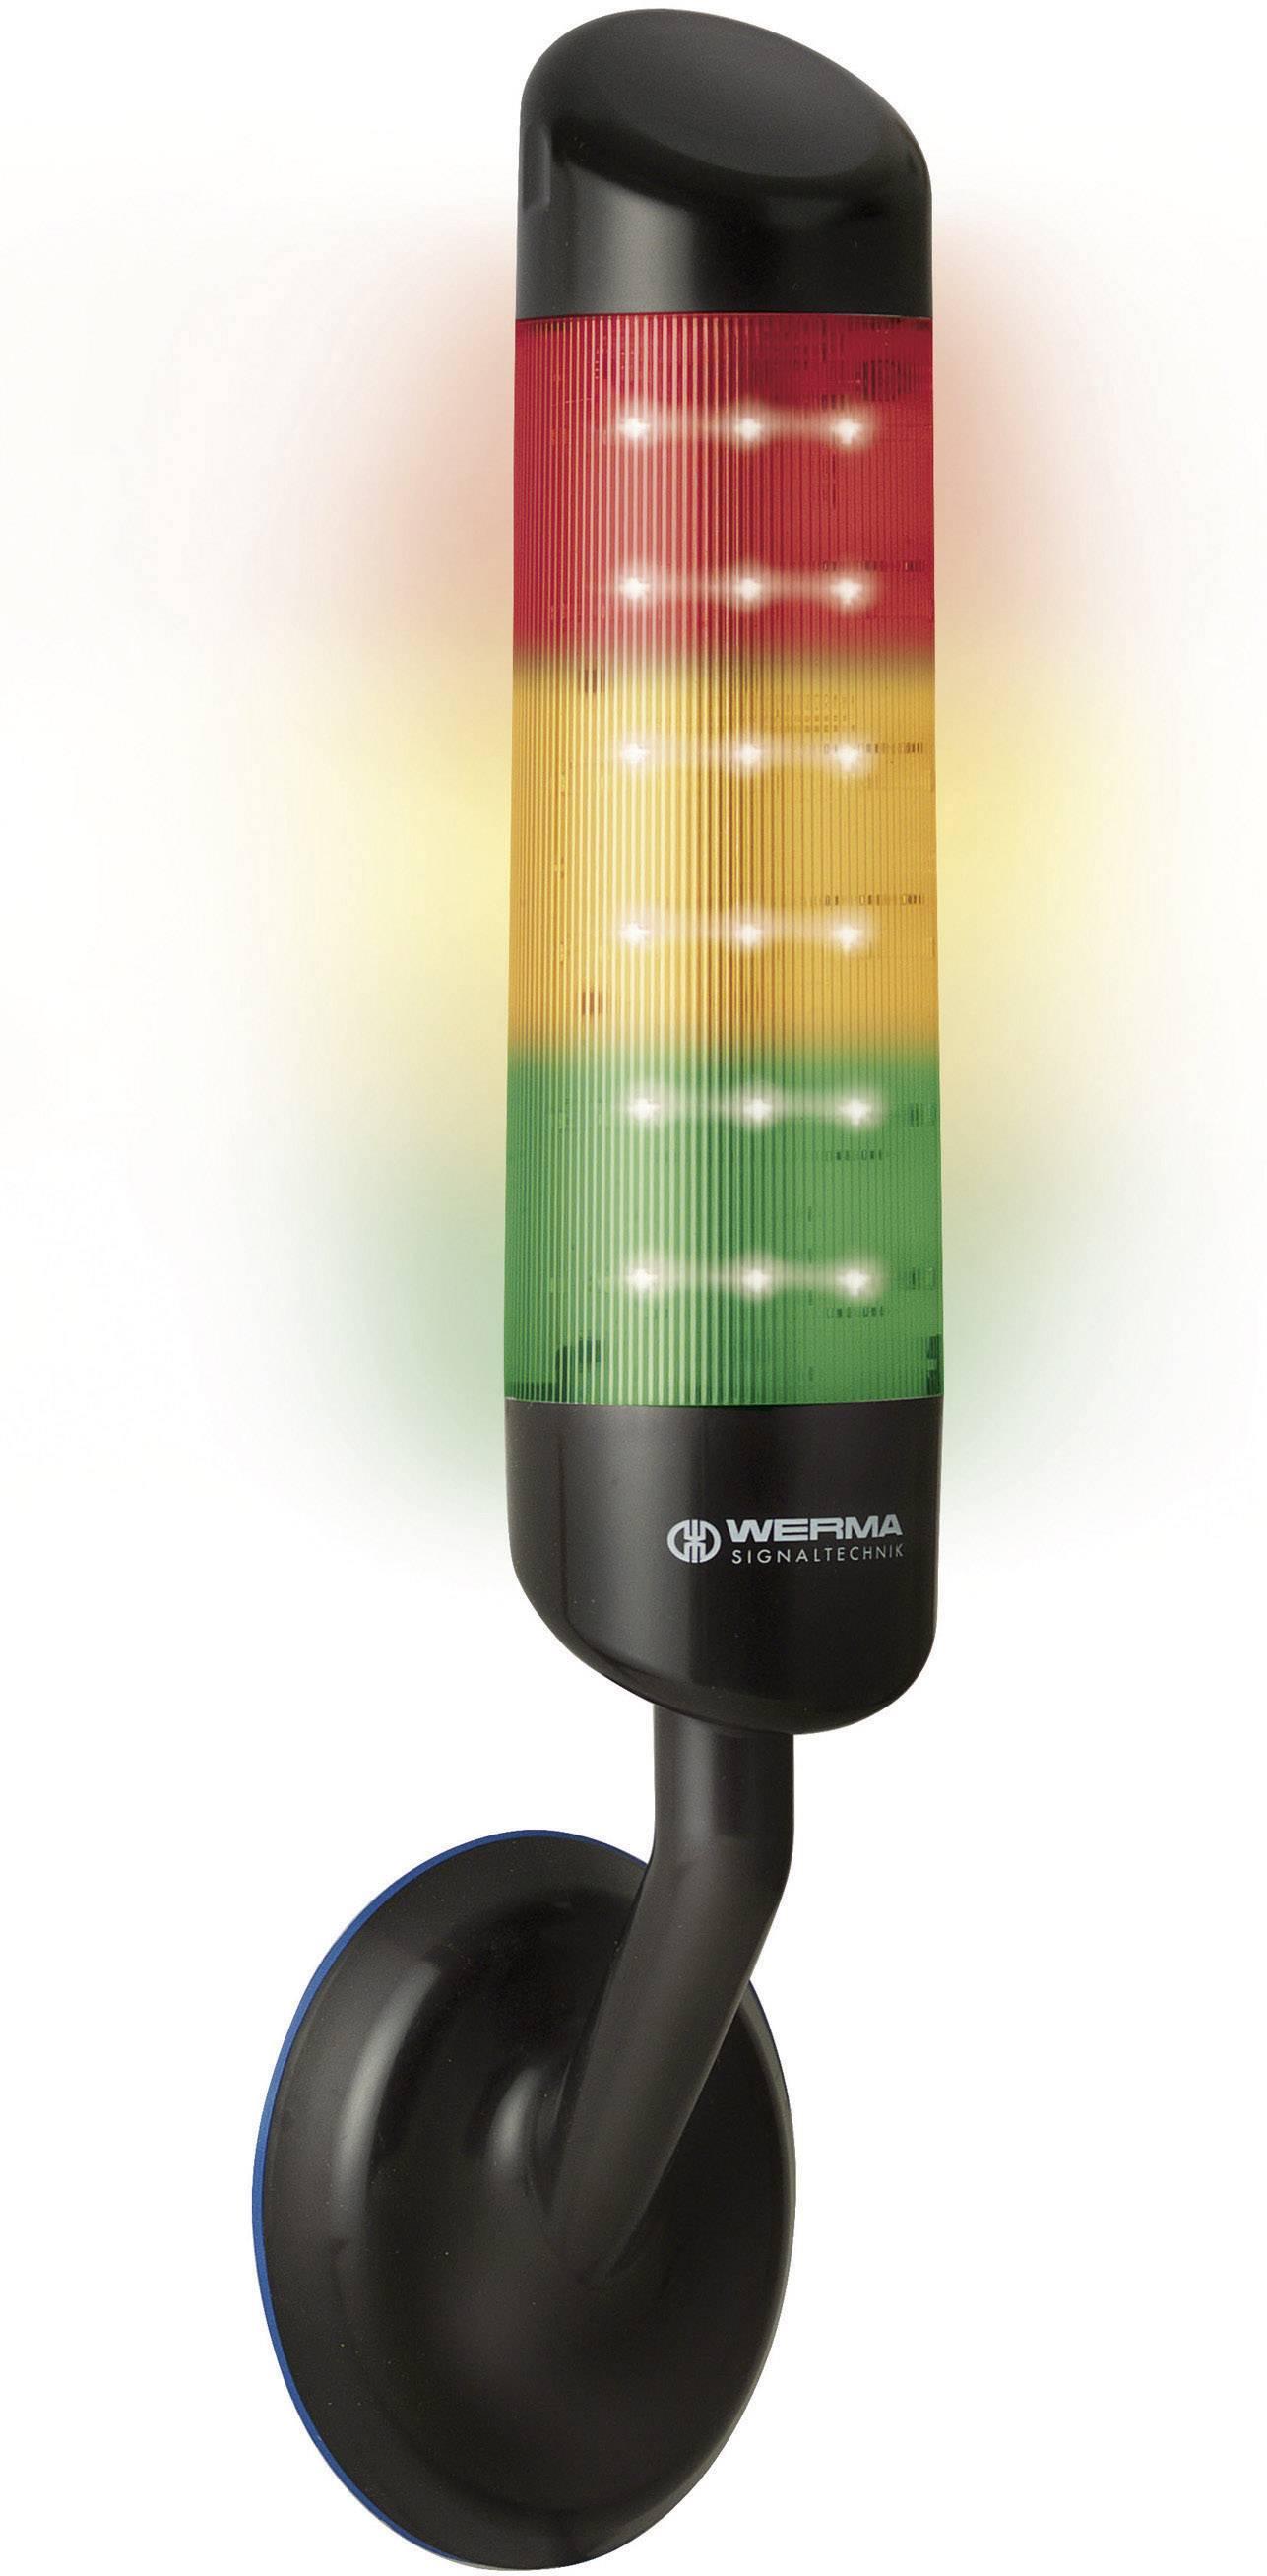 LED signalizační sloupek akustický Werma 695.300.55, IP69K, červená, žlutá, zelená,